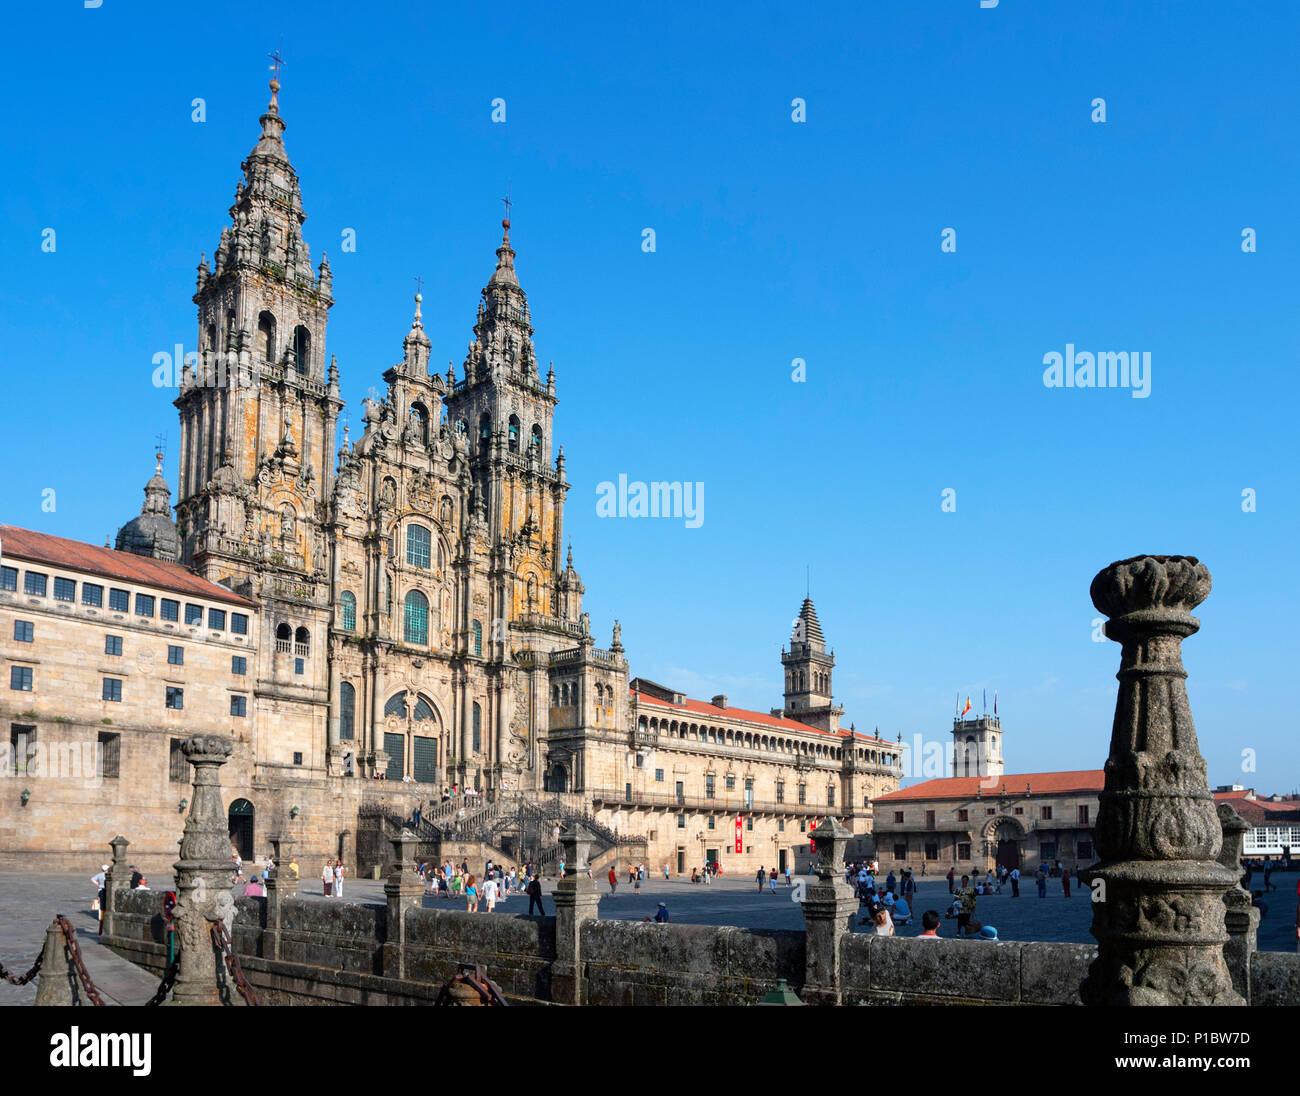 Santiago Cathedral. The Cathedral of Santiago de Compostela from Praza do Obradoiro, Santiago de Compostela, Galicia, Spain - Stock Image